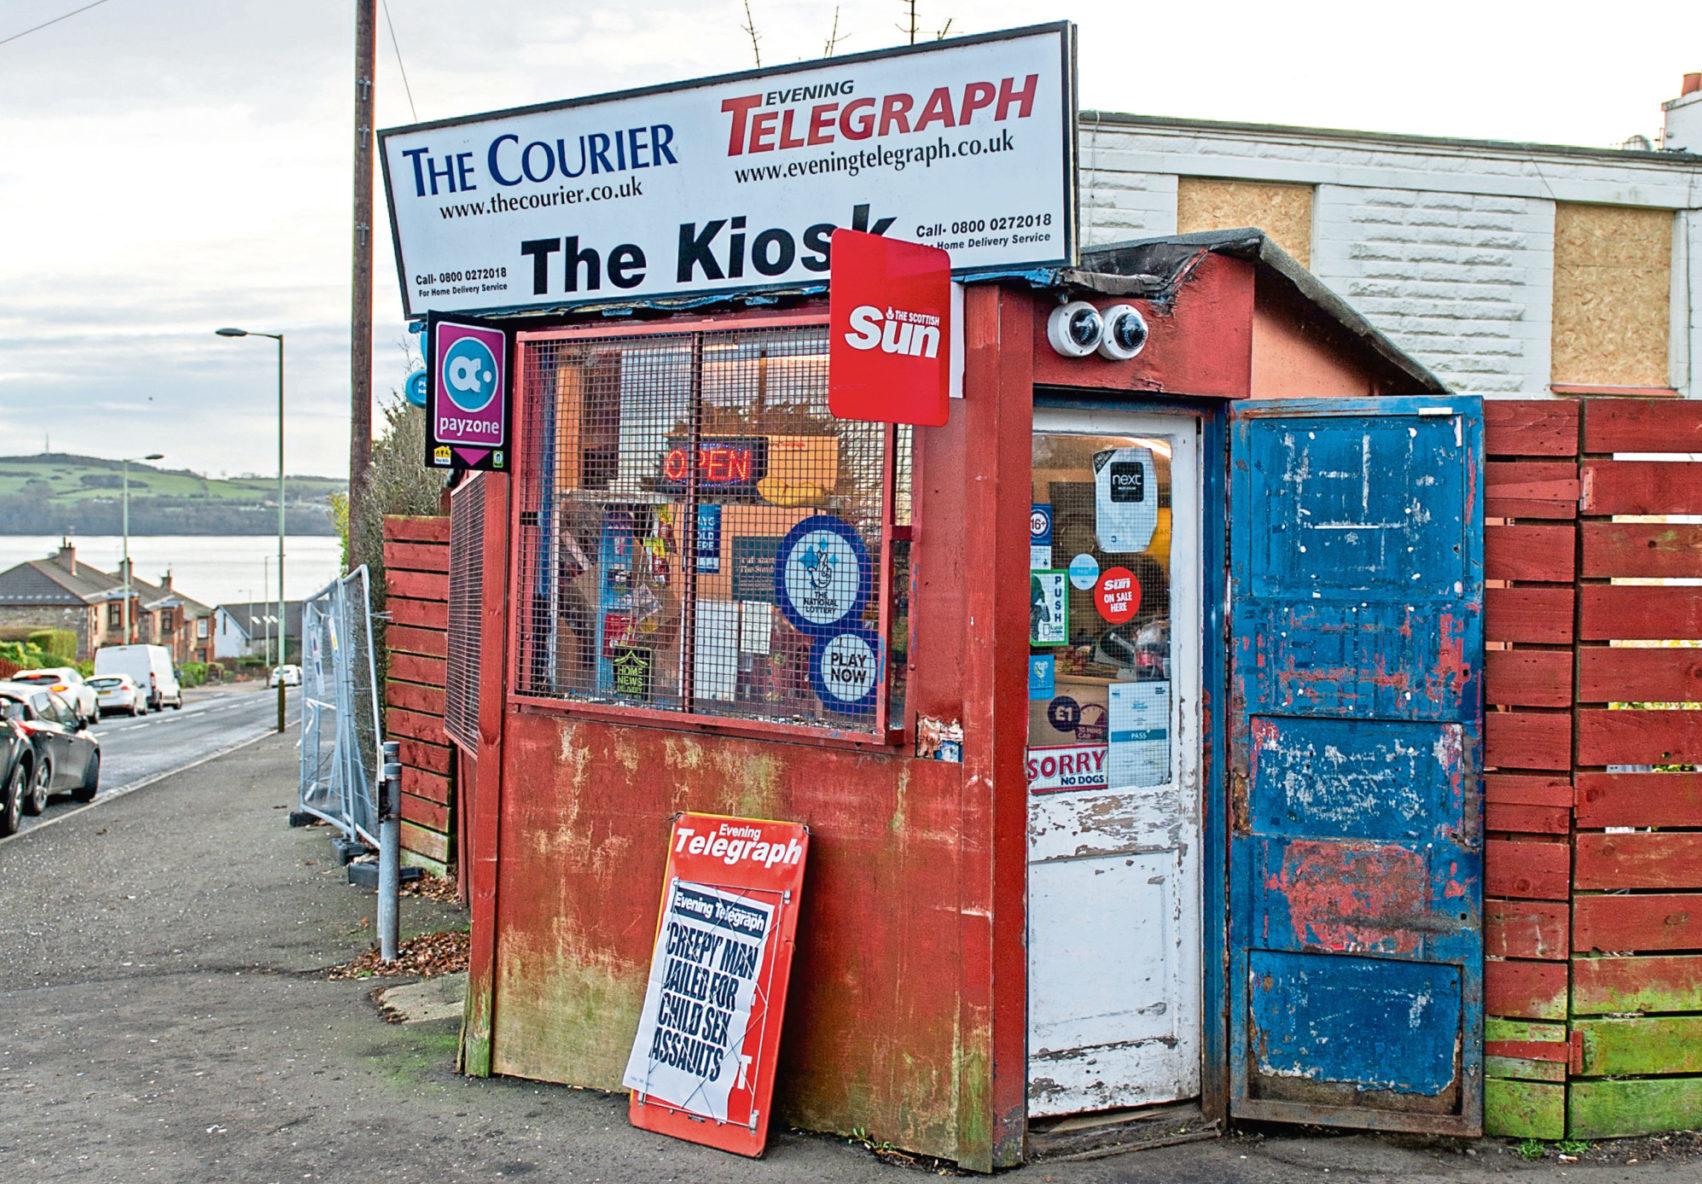 The Kiosk in 2019.